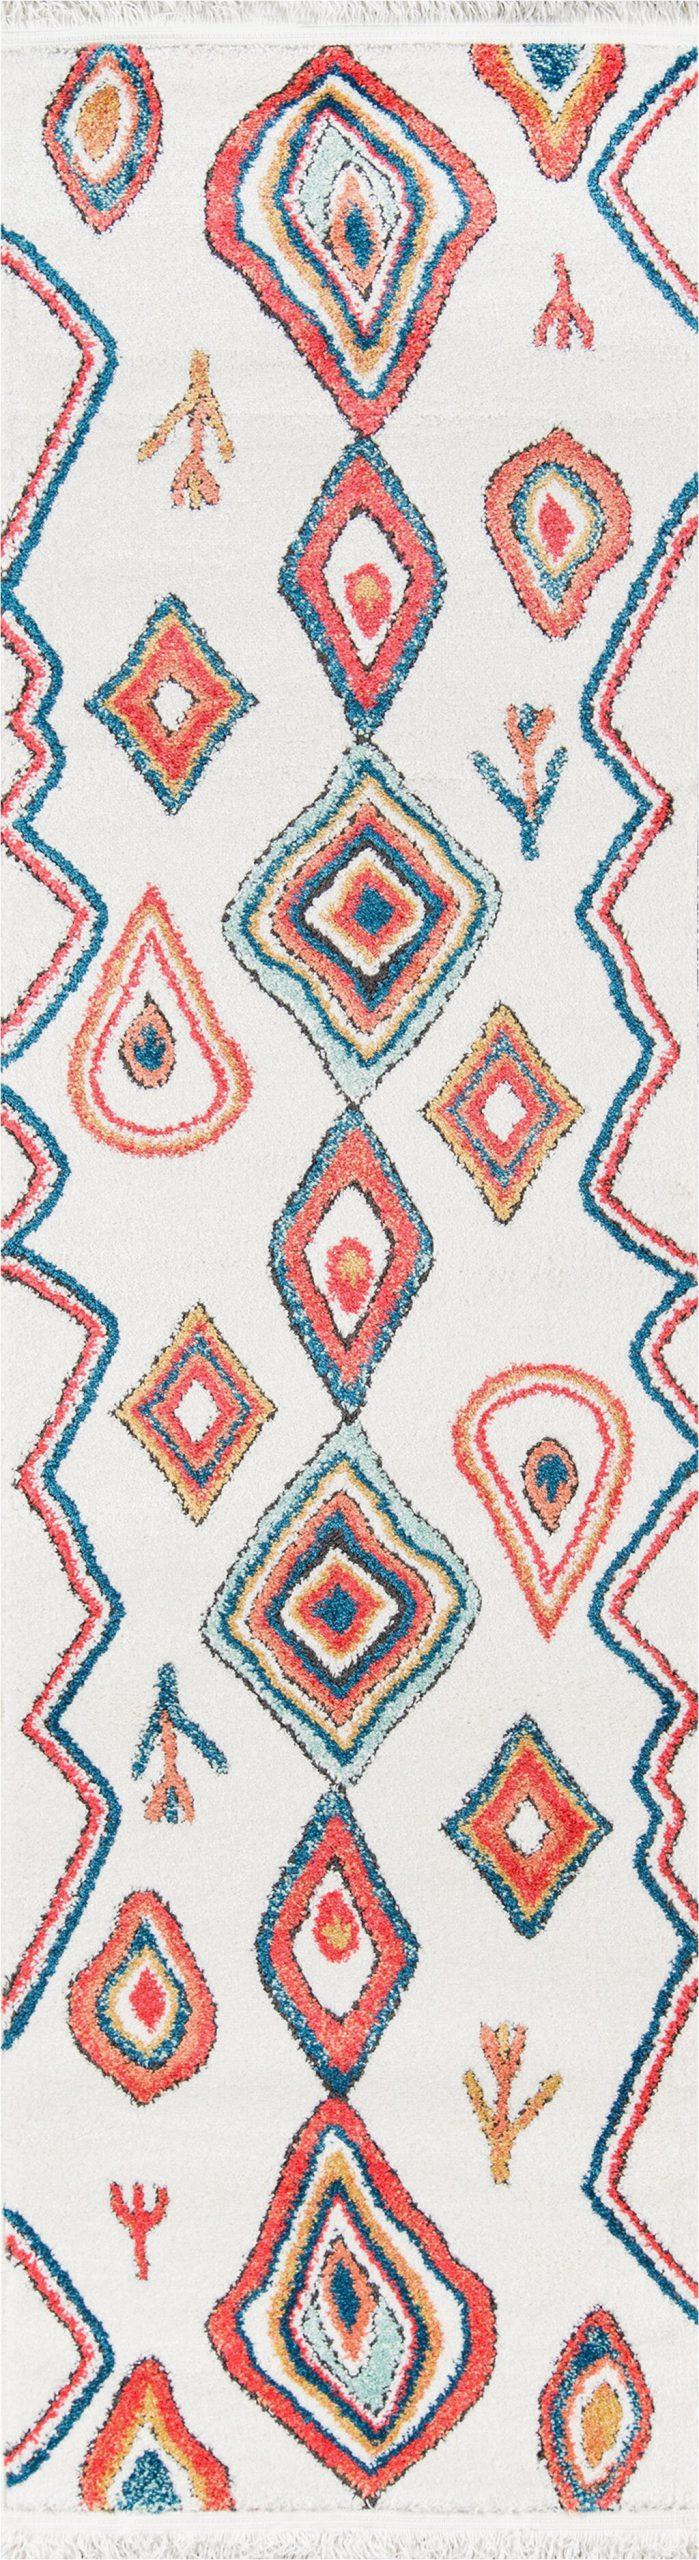 hassett power loom ivoryblue rug bgls4247 piid=